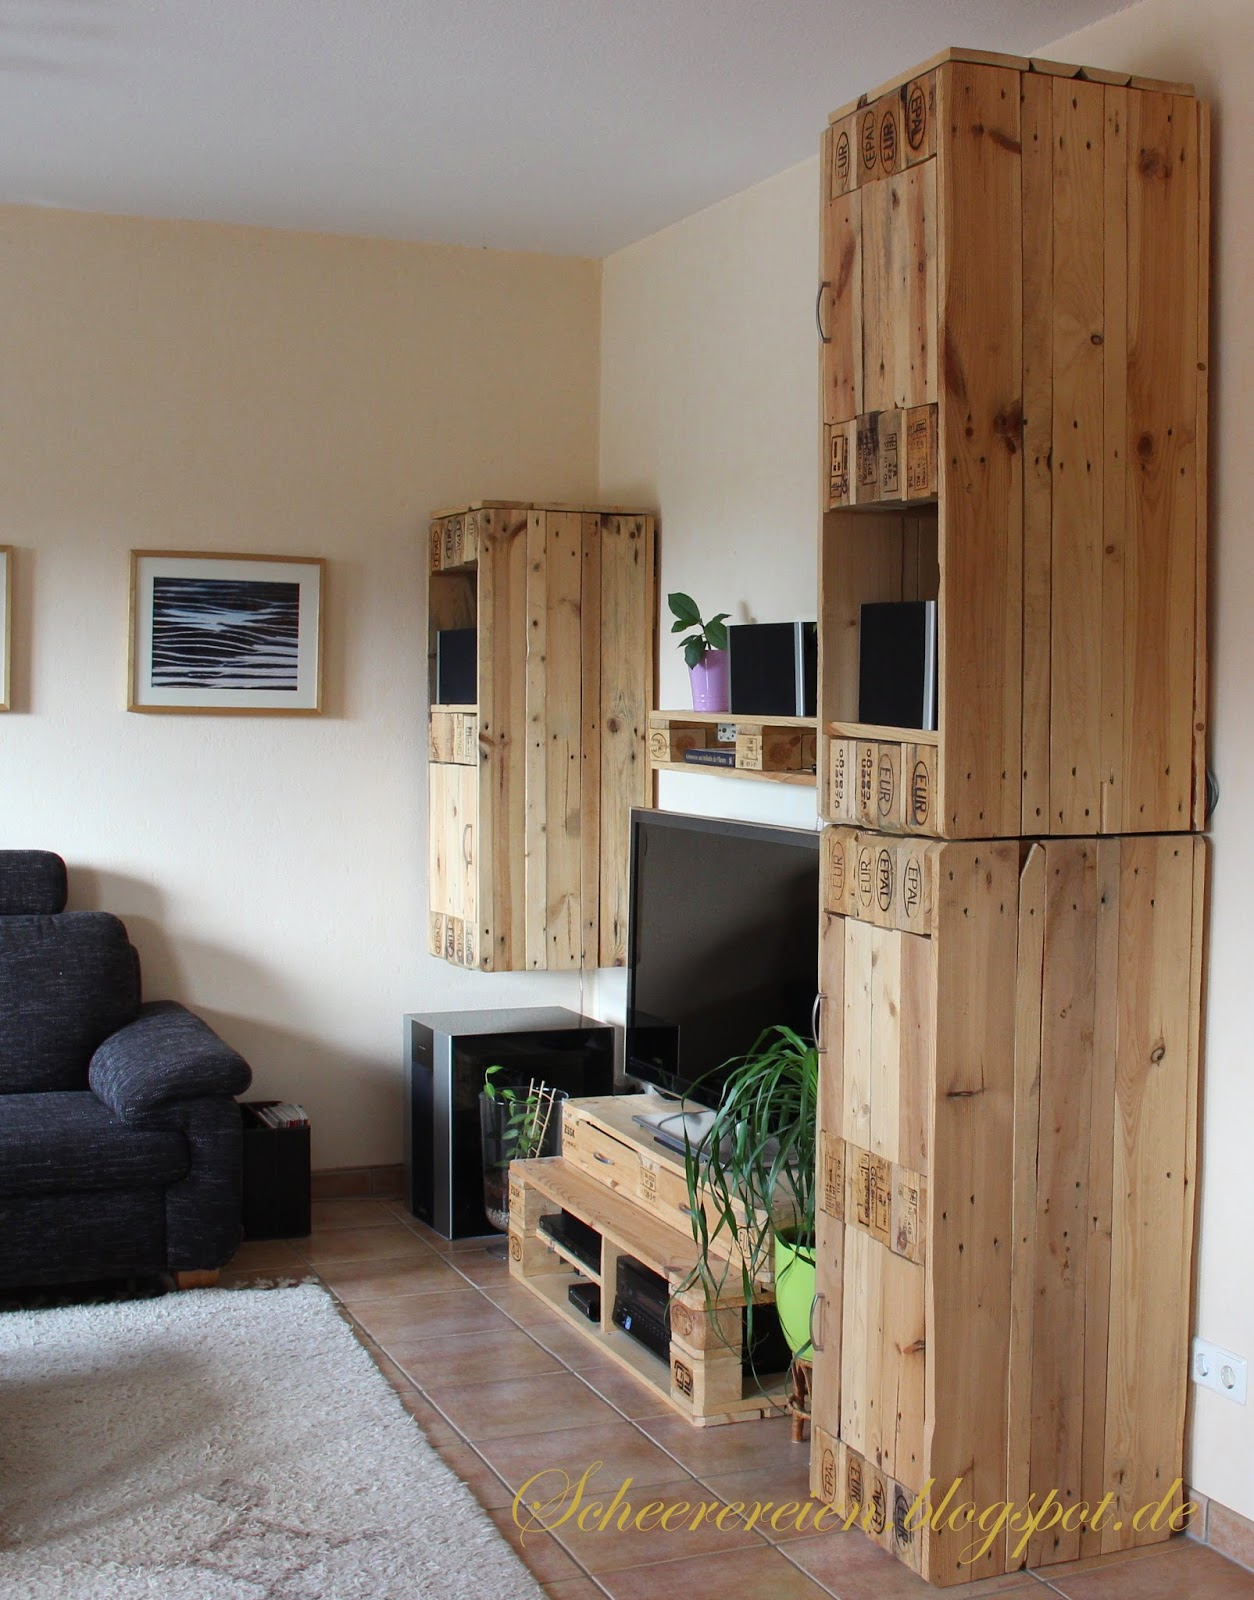 Scheerereien basteln n hen werkeln und mehr wohnwand - Wohnwand aus paletten ...